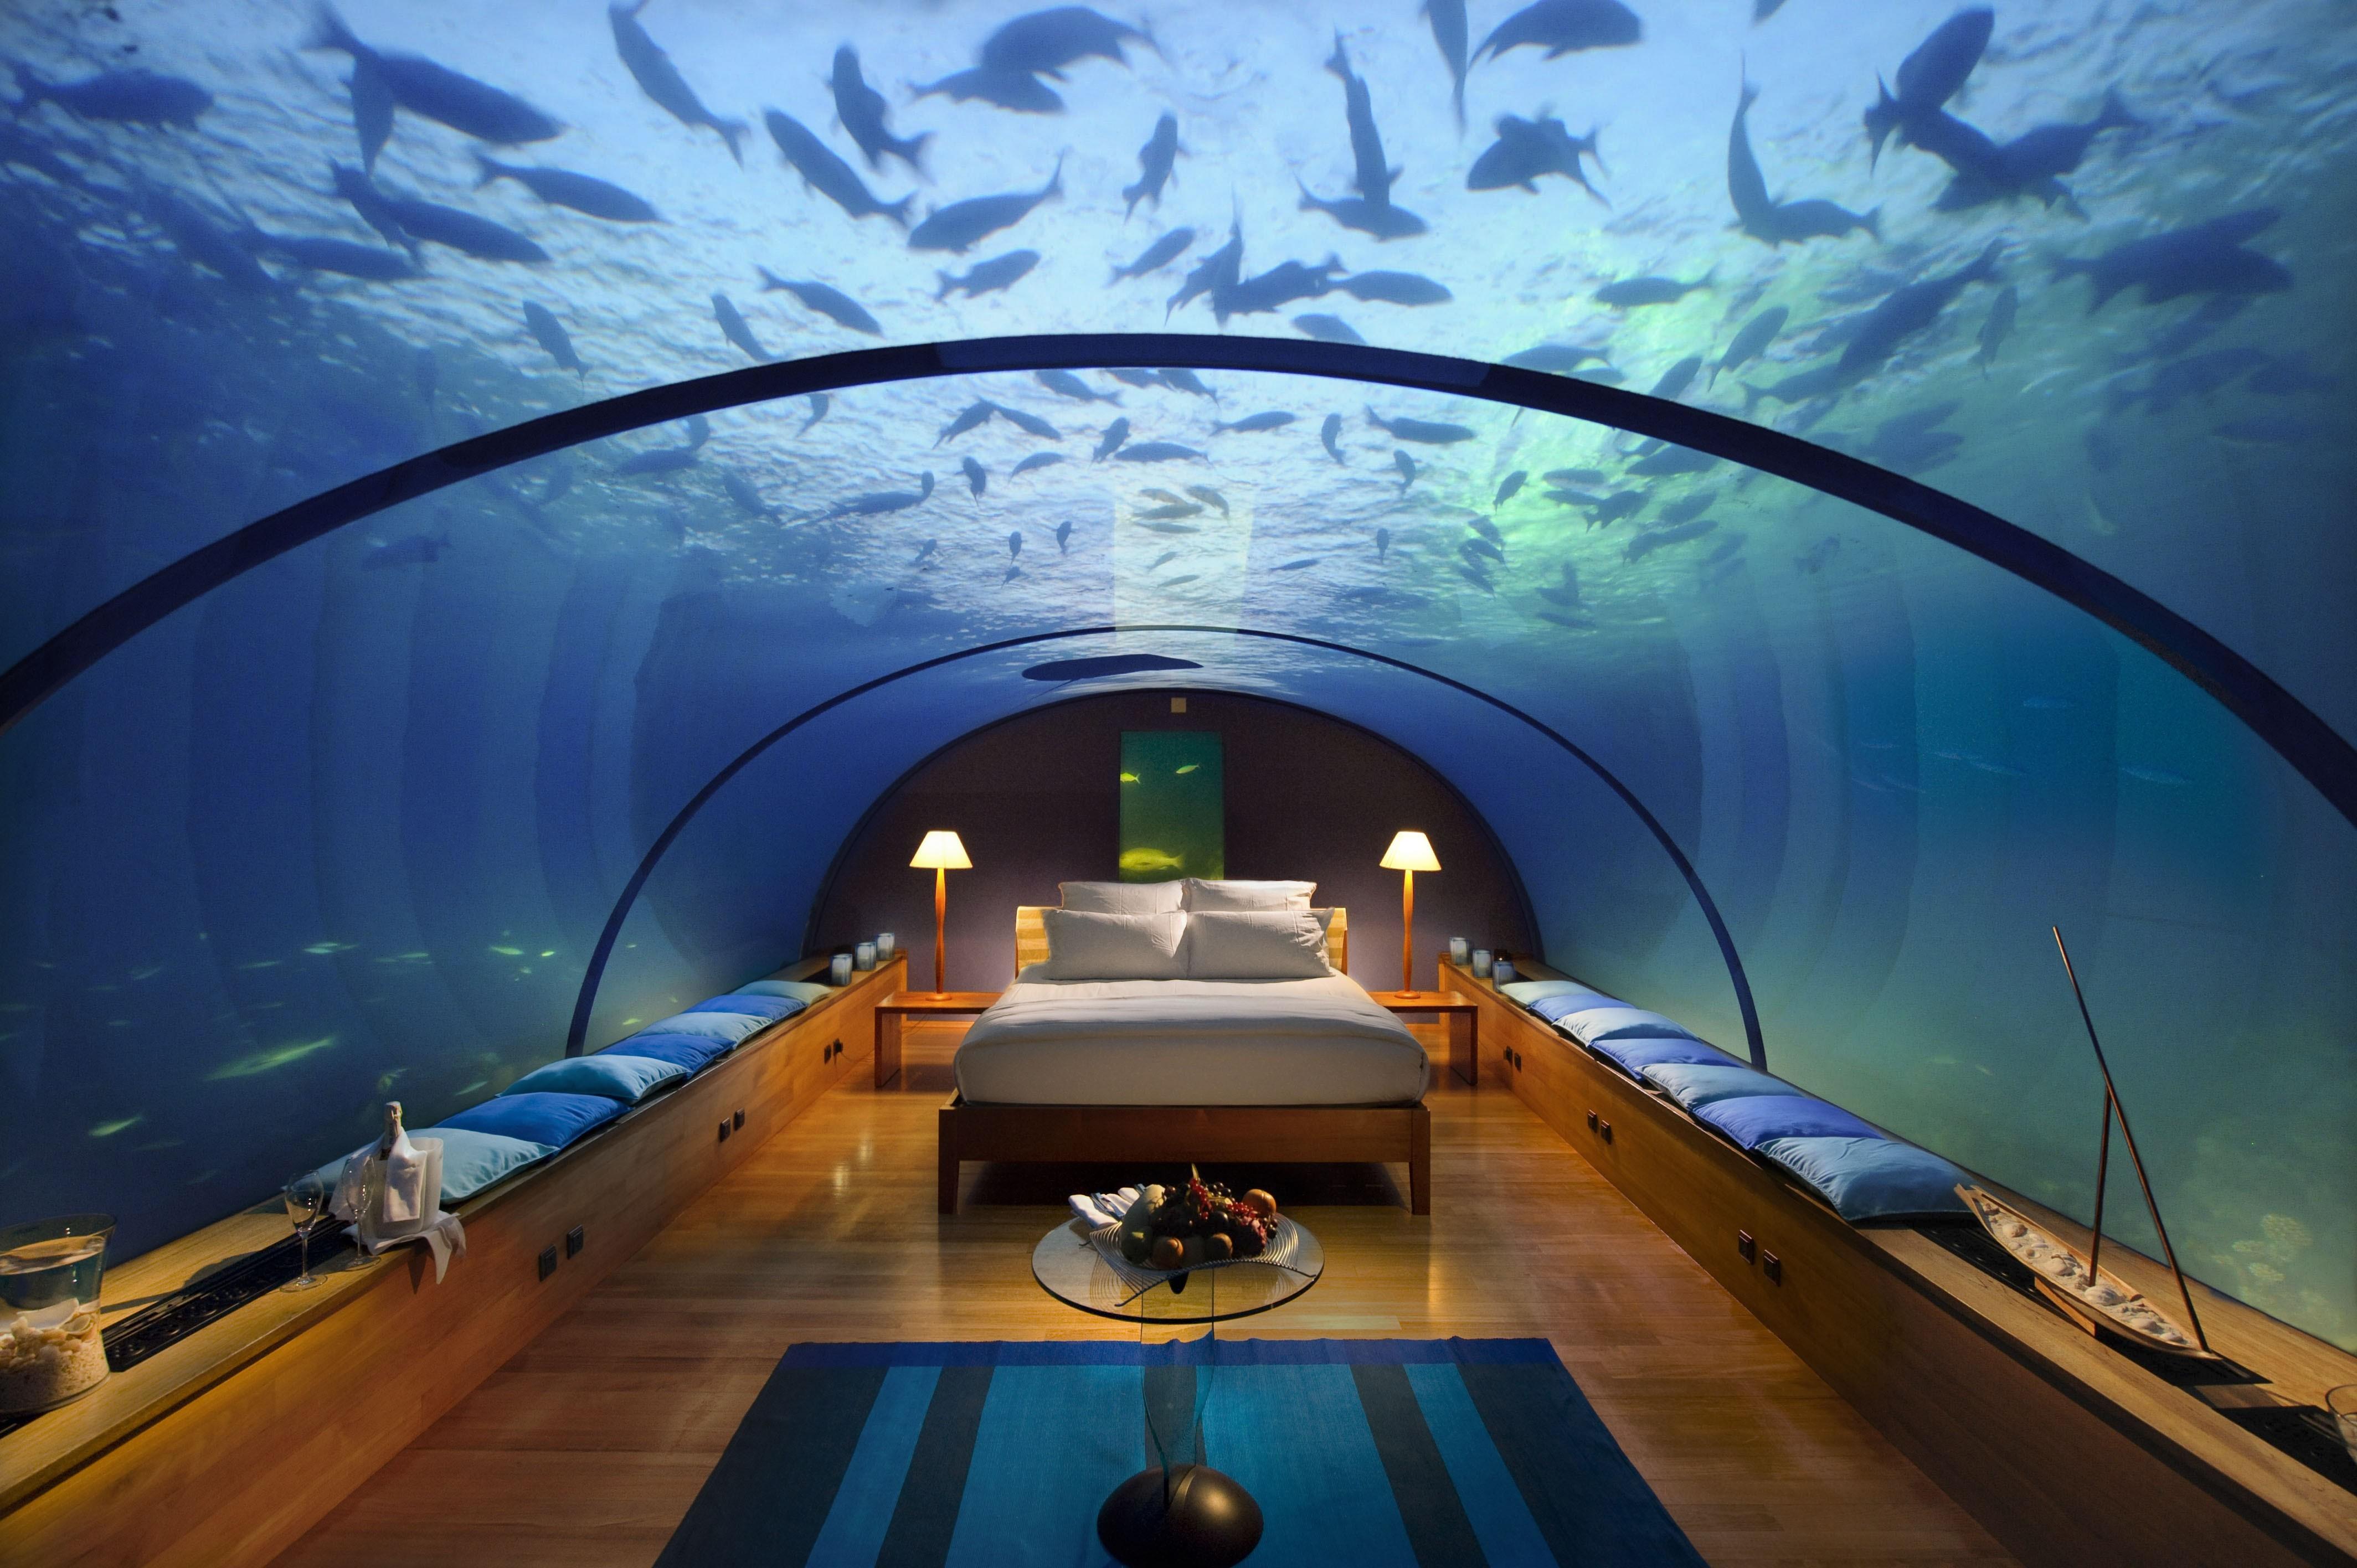 Hintergrundbilder : Betrachtung, Fisch, Unterwasser, Schlafzimmer ...